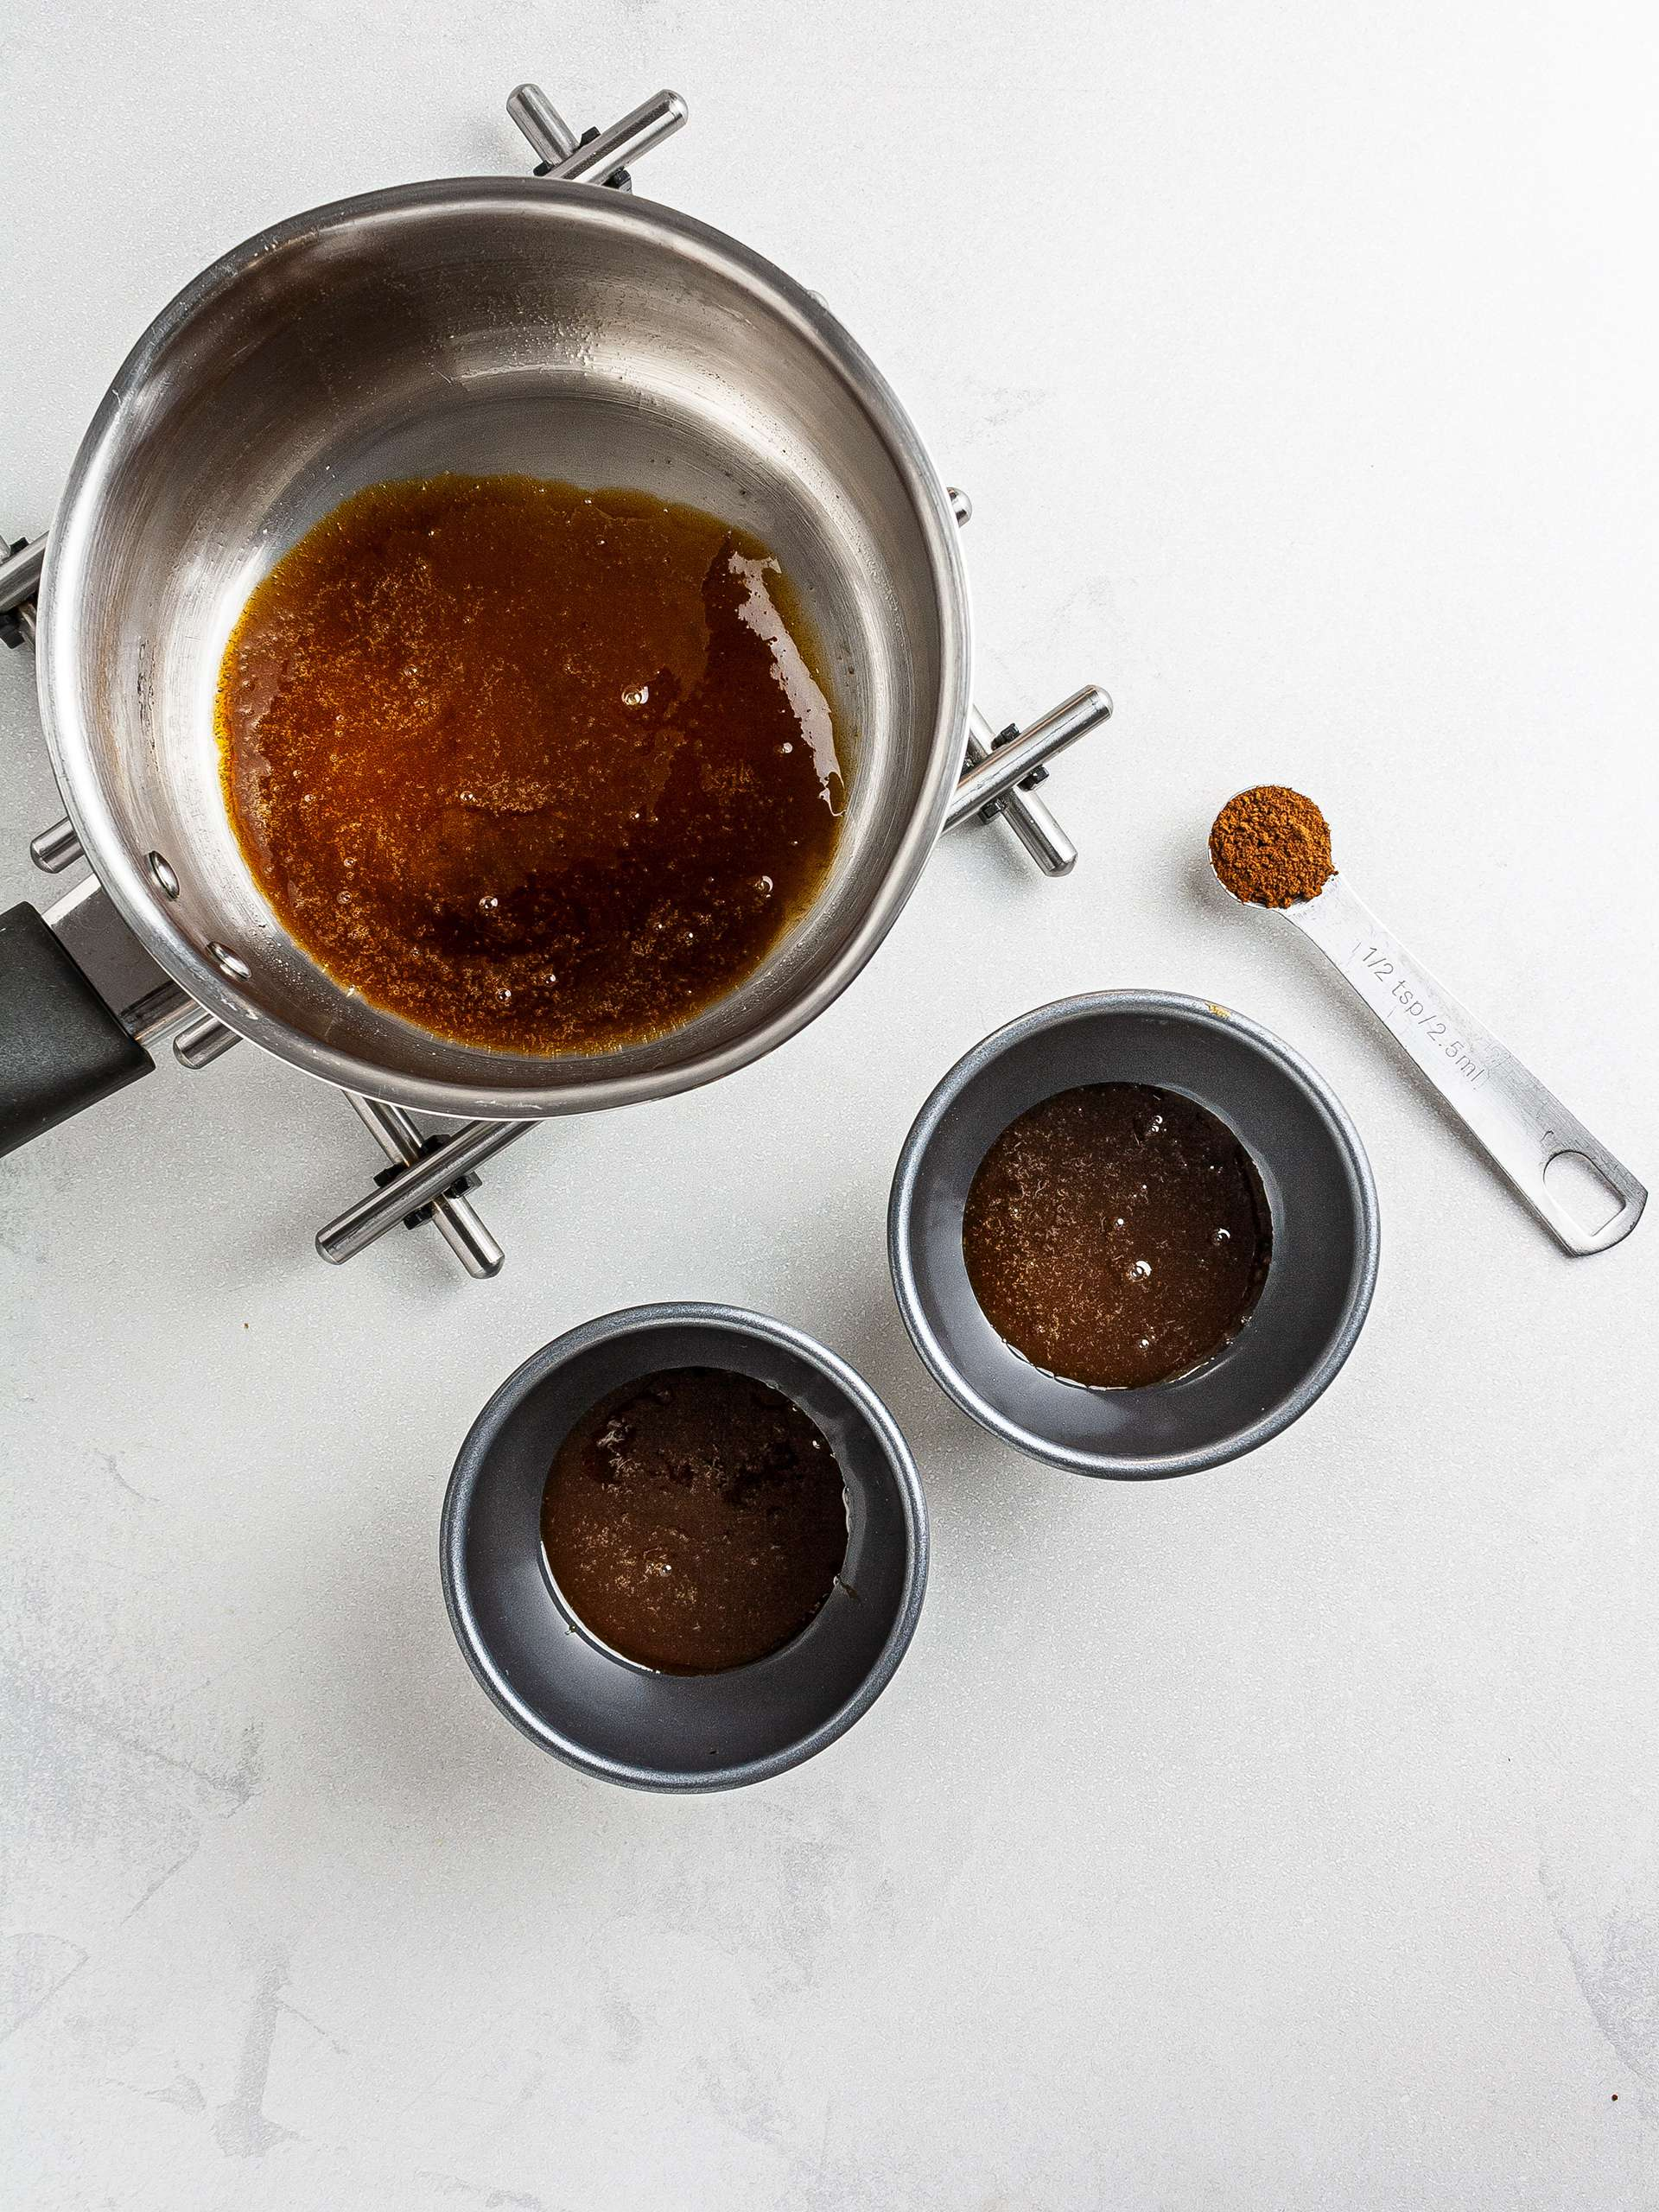 Coffee caramel in ramekins